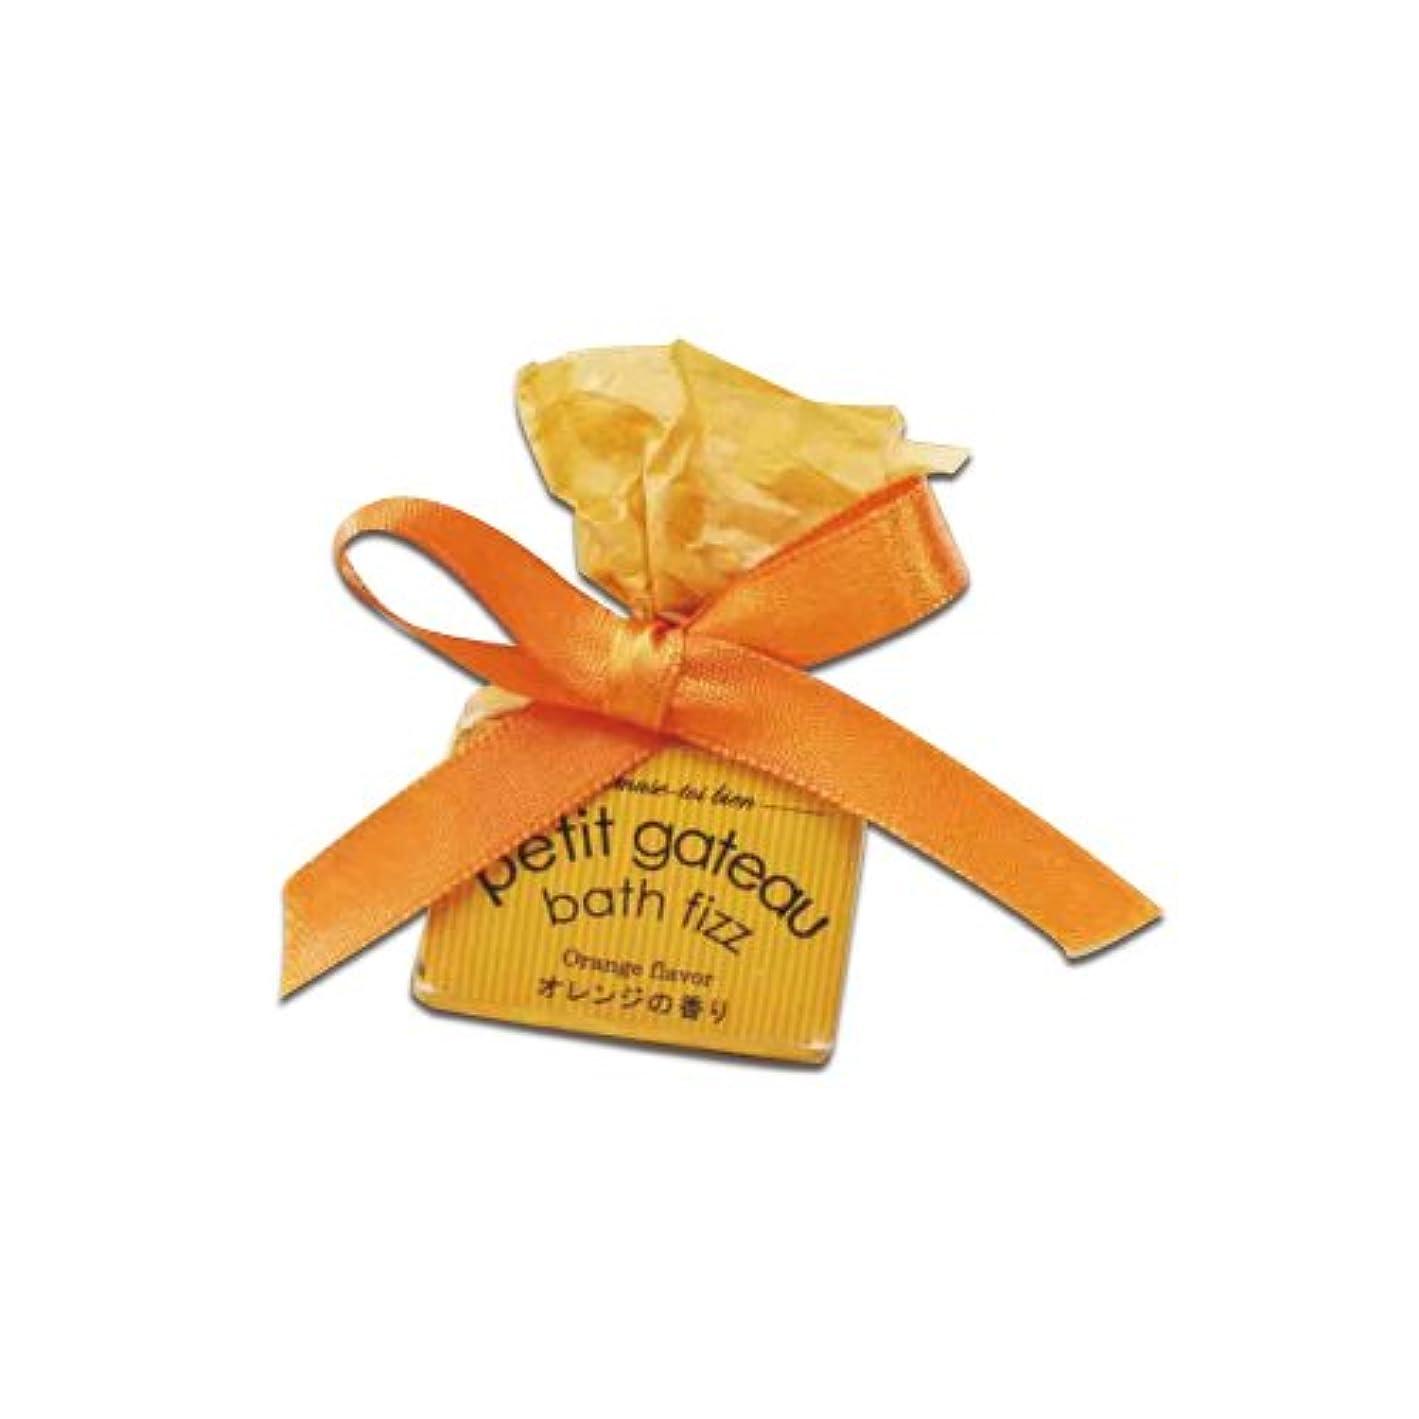 落ち着くエゴマニアメアリアンジョーンズプチガトーバスフィザー オレンジの香り 12個セット